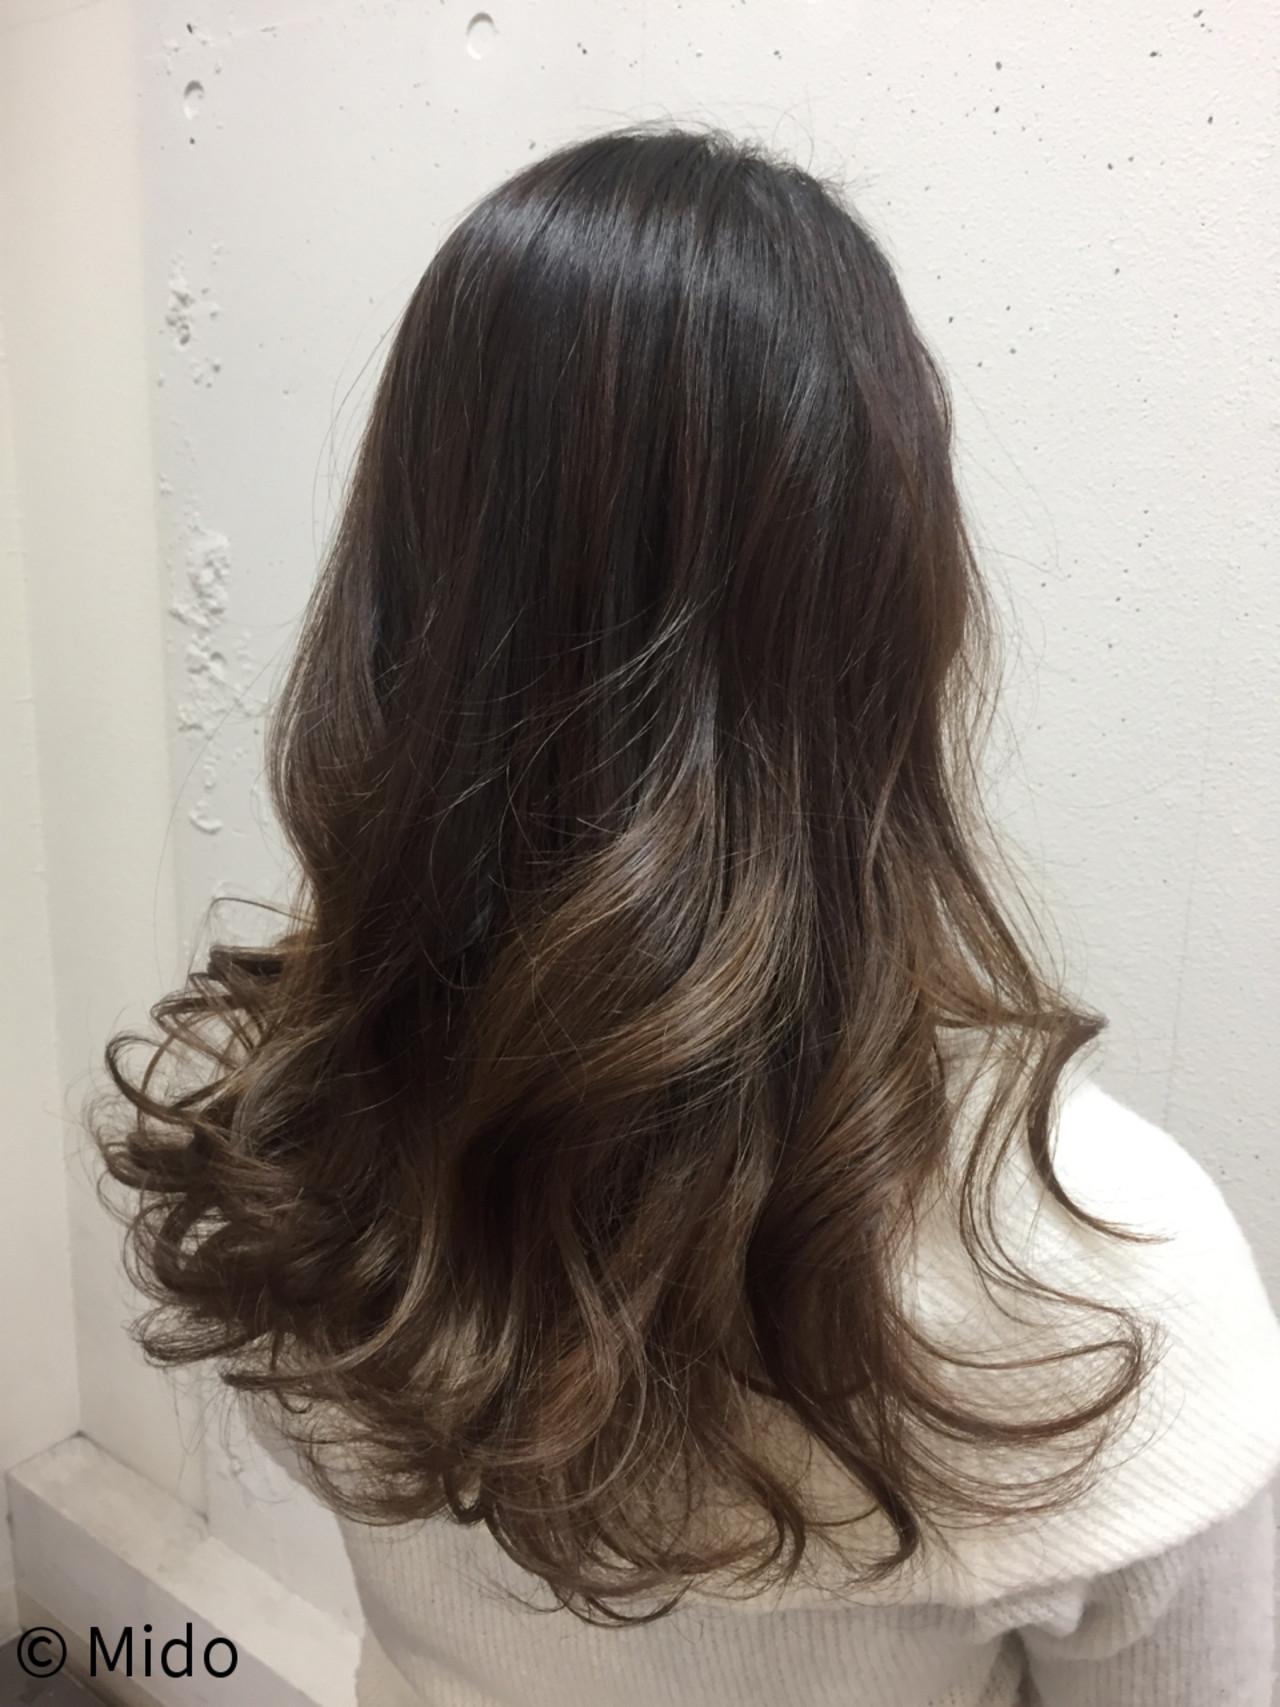 グラデーションカラー グレージュ フェミニン ロング ヘアスタイルや髪型の写真・画像